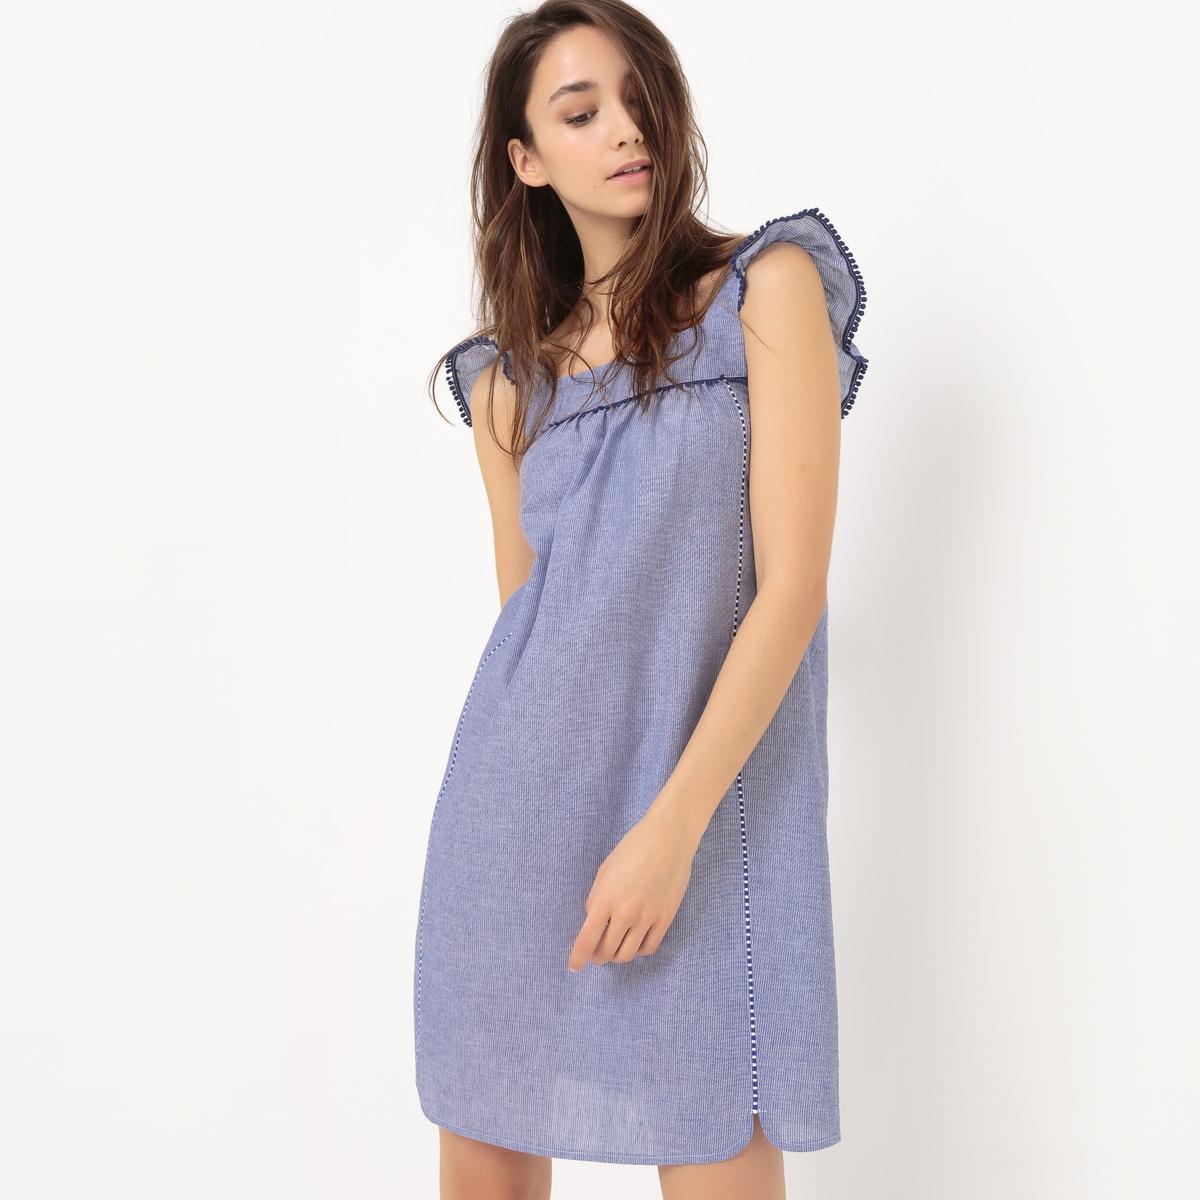 Платье из ткани шамбре, с короткими рукавами и воланамиМатериал : 100% хлопка.       Длина рукава : Без рукавов       Форма воротника : без воротника      Покрой платья : платье прямого покроя    Рисунок : Однотонная модель       Особенность платья : волан      Длина платья : до колен<br><br>Цвет: синий шамбре<br>Размер: 46 (FR) - 52 (RUS).42 (FR) - 48 (RUS).40 (FR) - 46 (RUS).38 (FR) - 44 (RUS).36 (FR) - 42 (RUS)